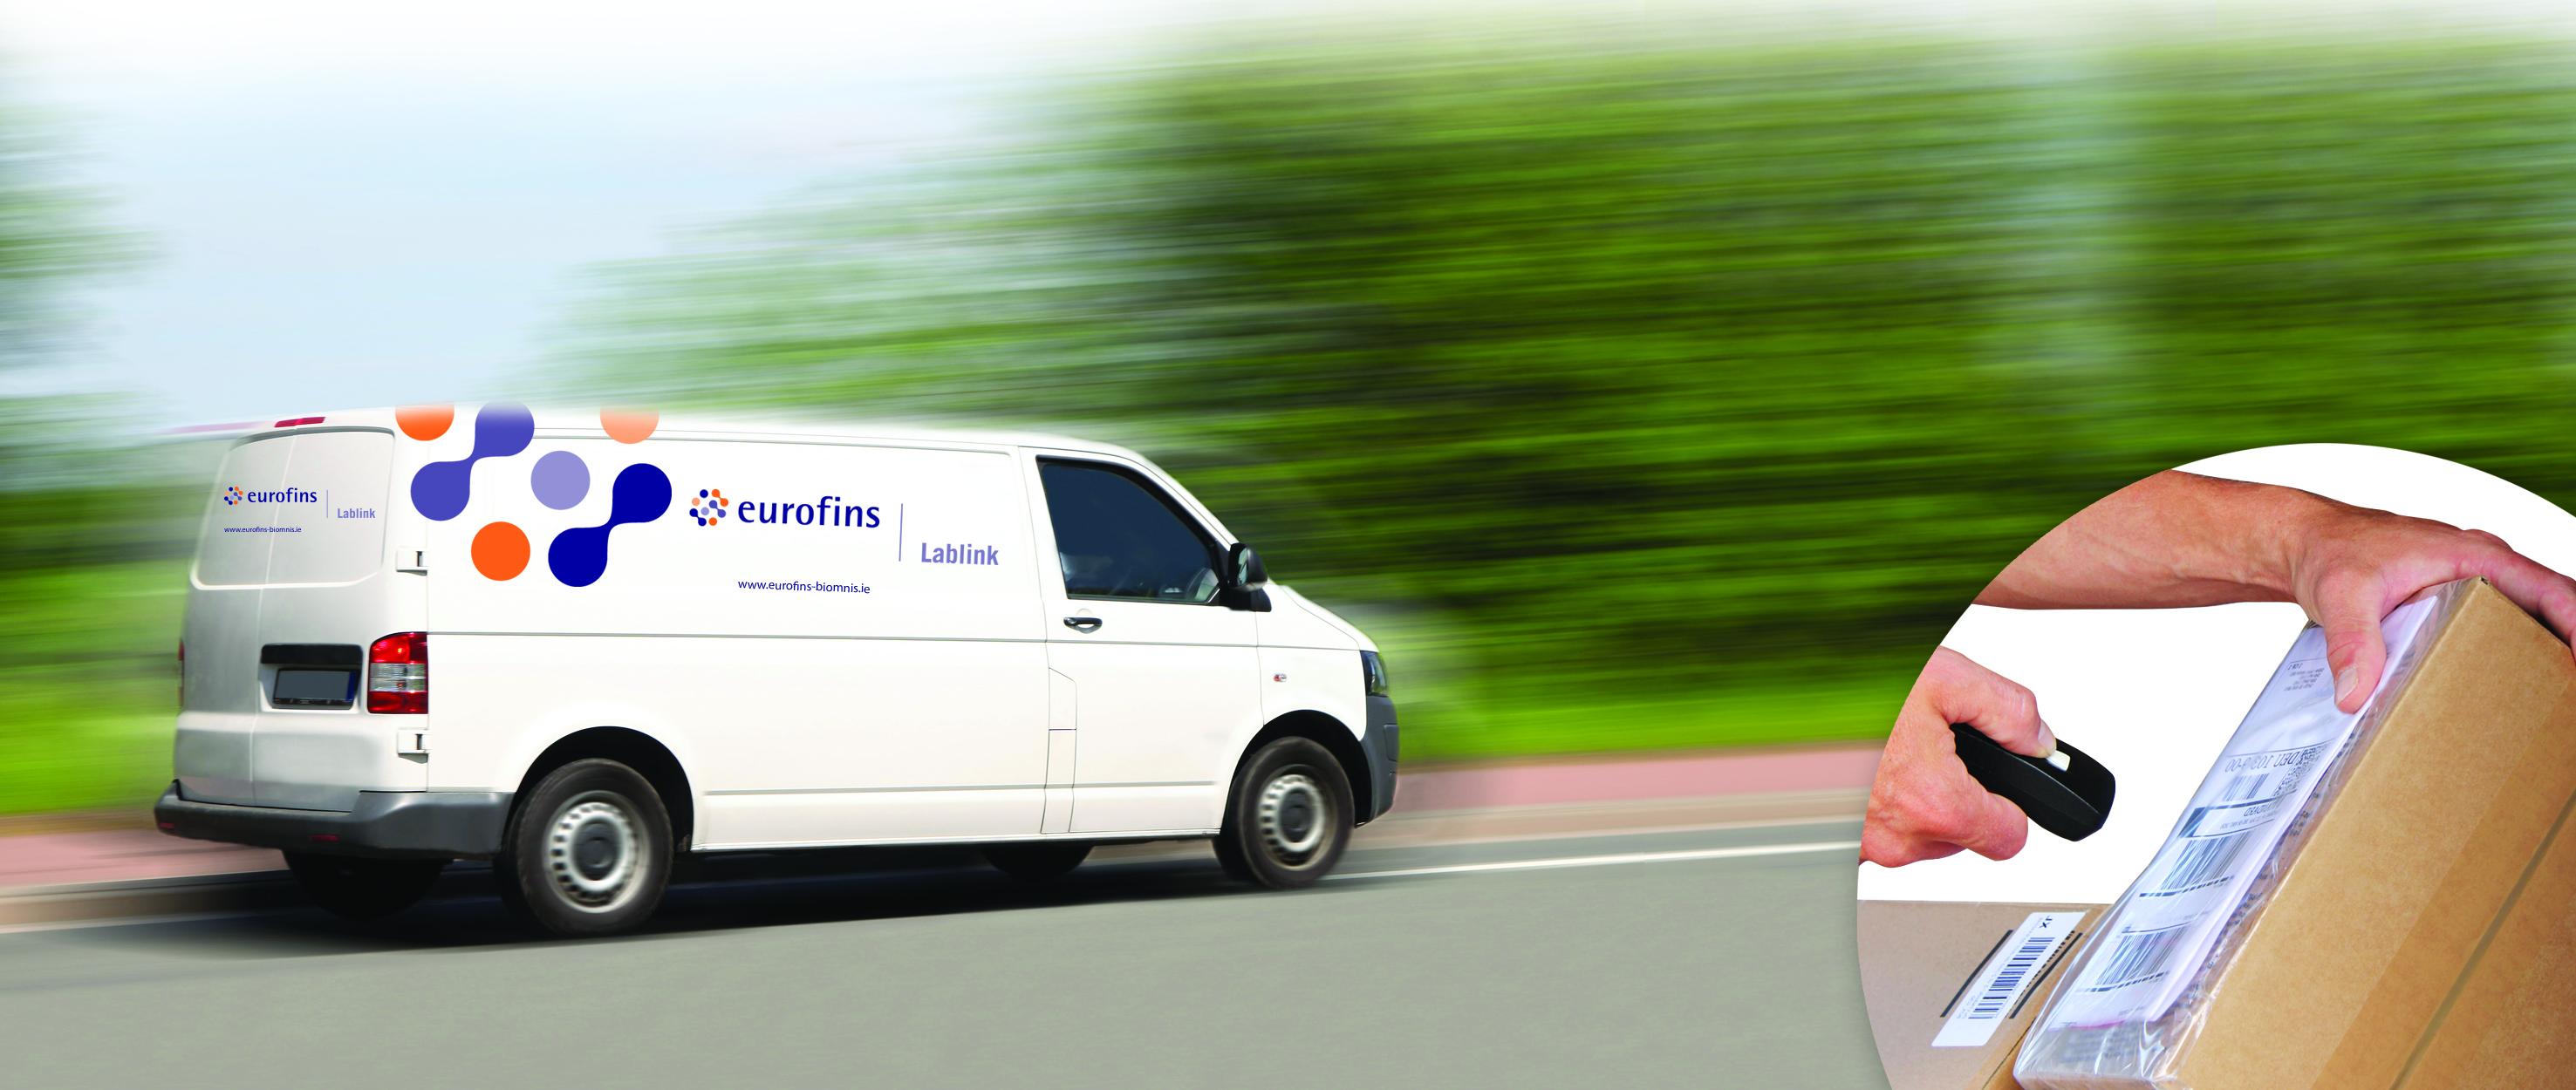 Eurofins Lablink Van